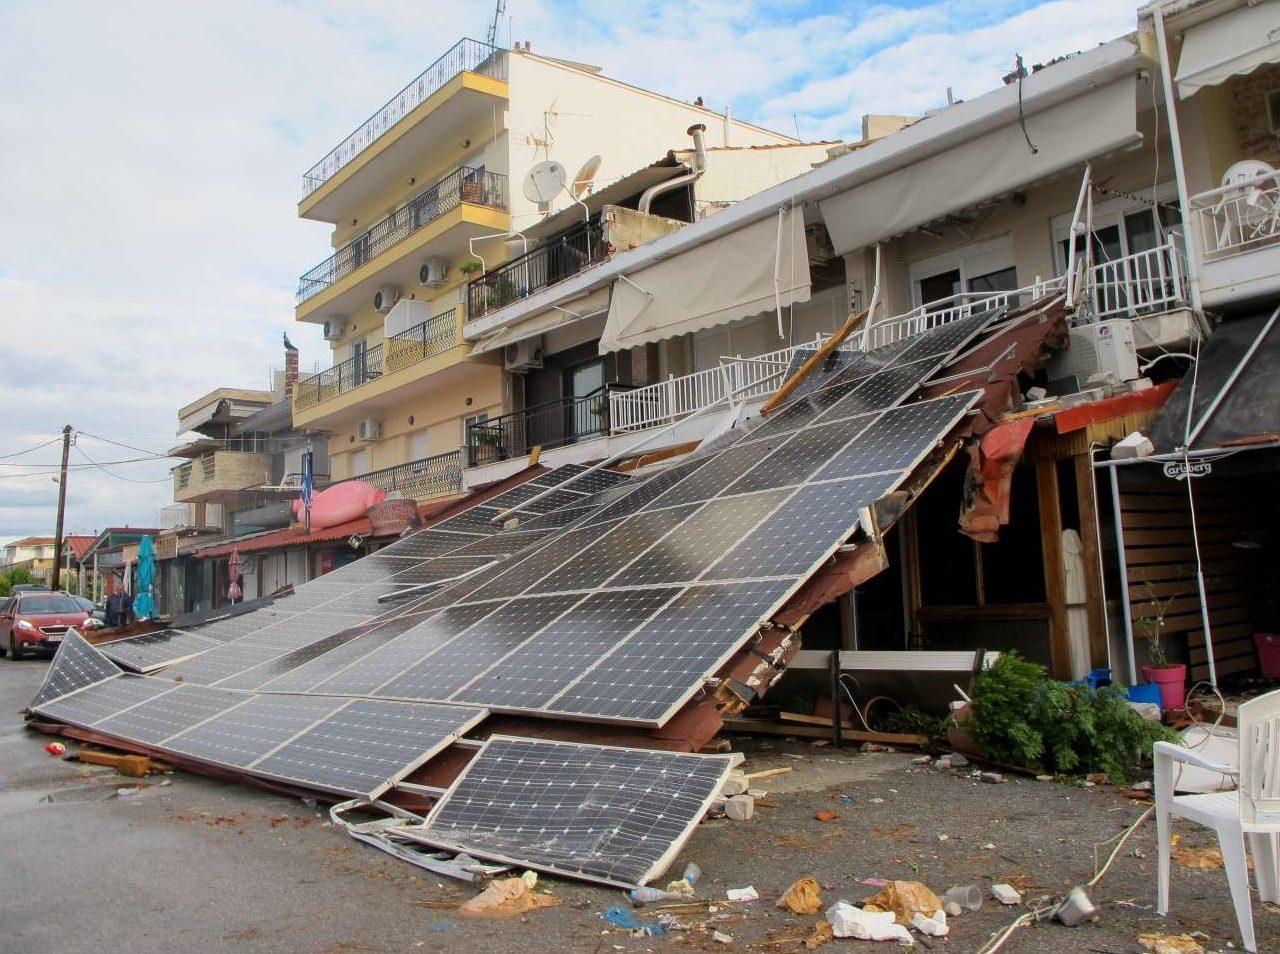 Πώς να μην καταρρεύσει; Στέγαστρο με ηλιακά πάνελ από επάνω, έχει πέσει στα Νέα Πλάγια. Ποιος έδωσε άδεια για αυτήν την κατασκευή;